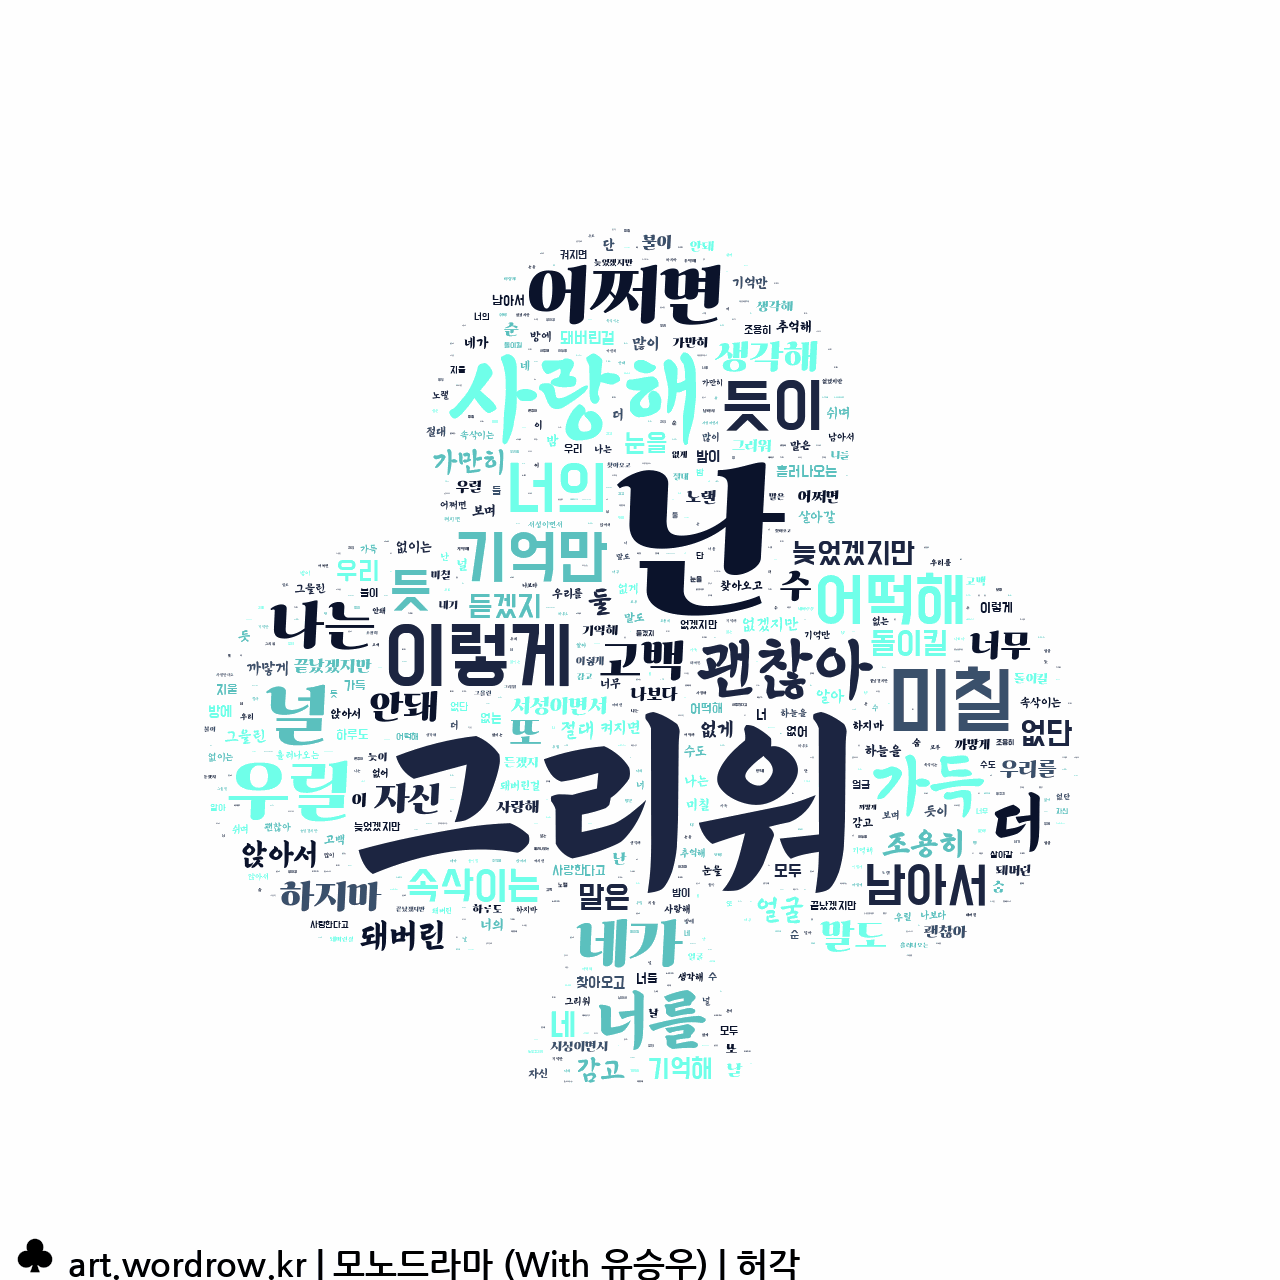 워드 아트: 모노드라마 (With 유승우) [허각]-30